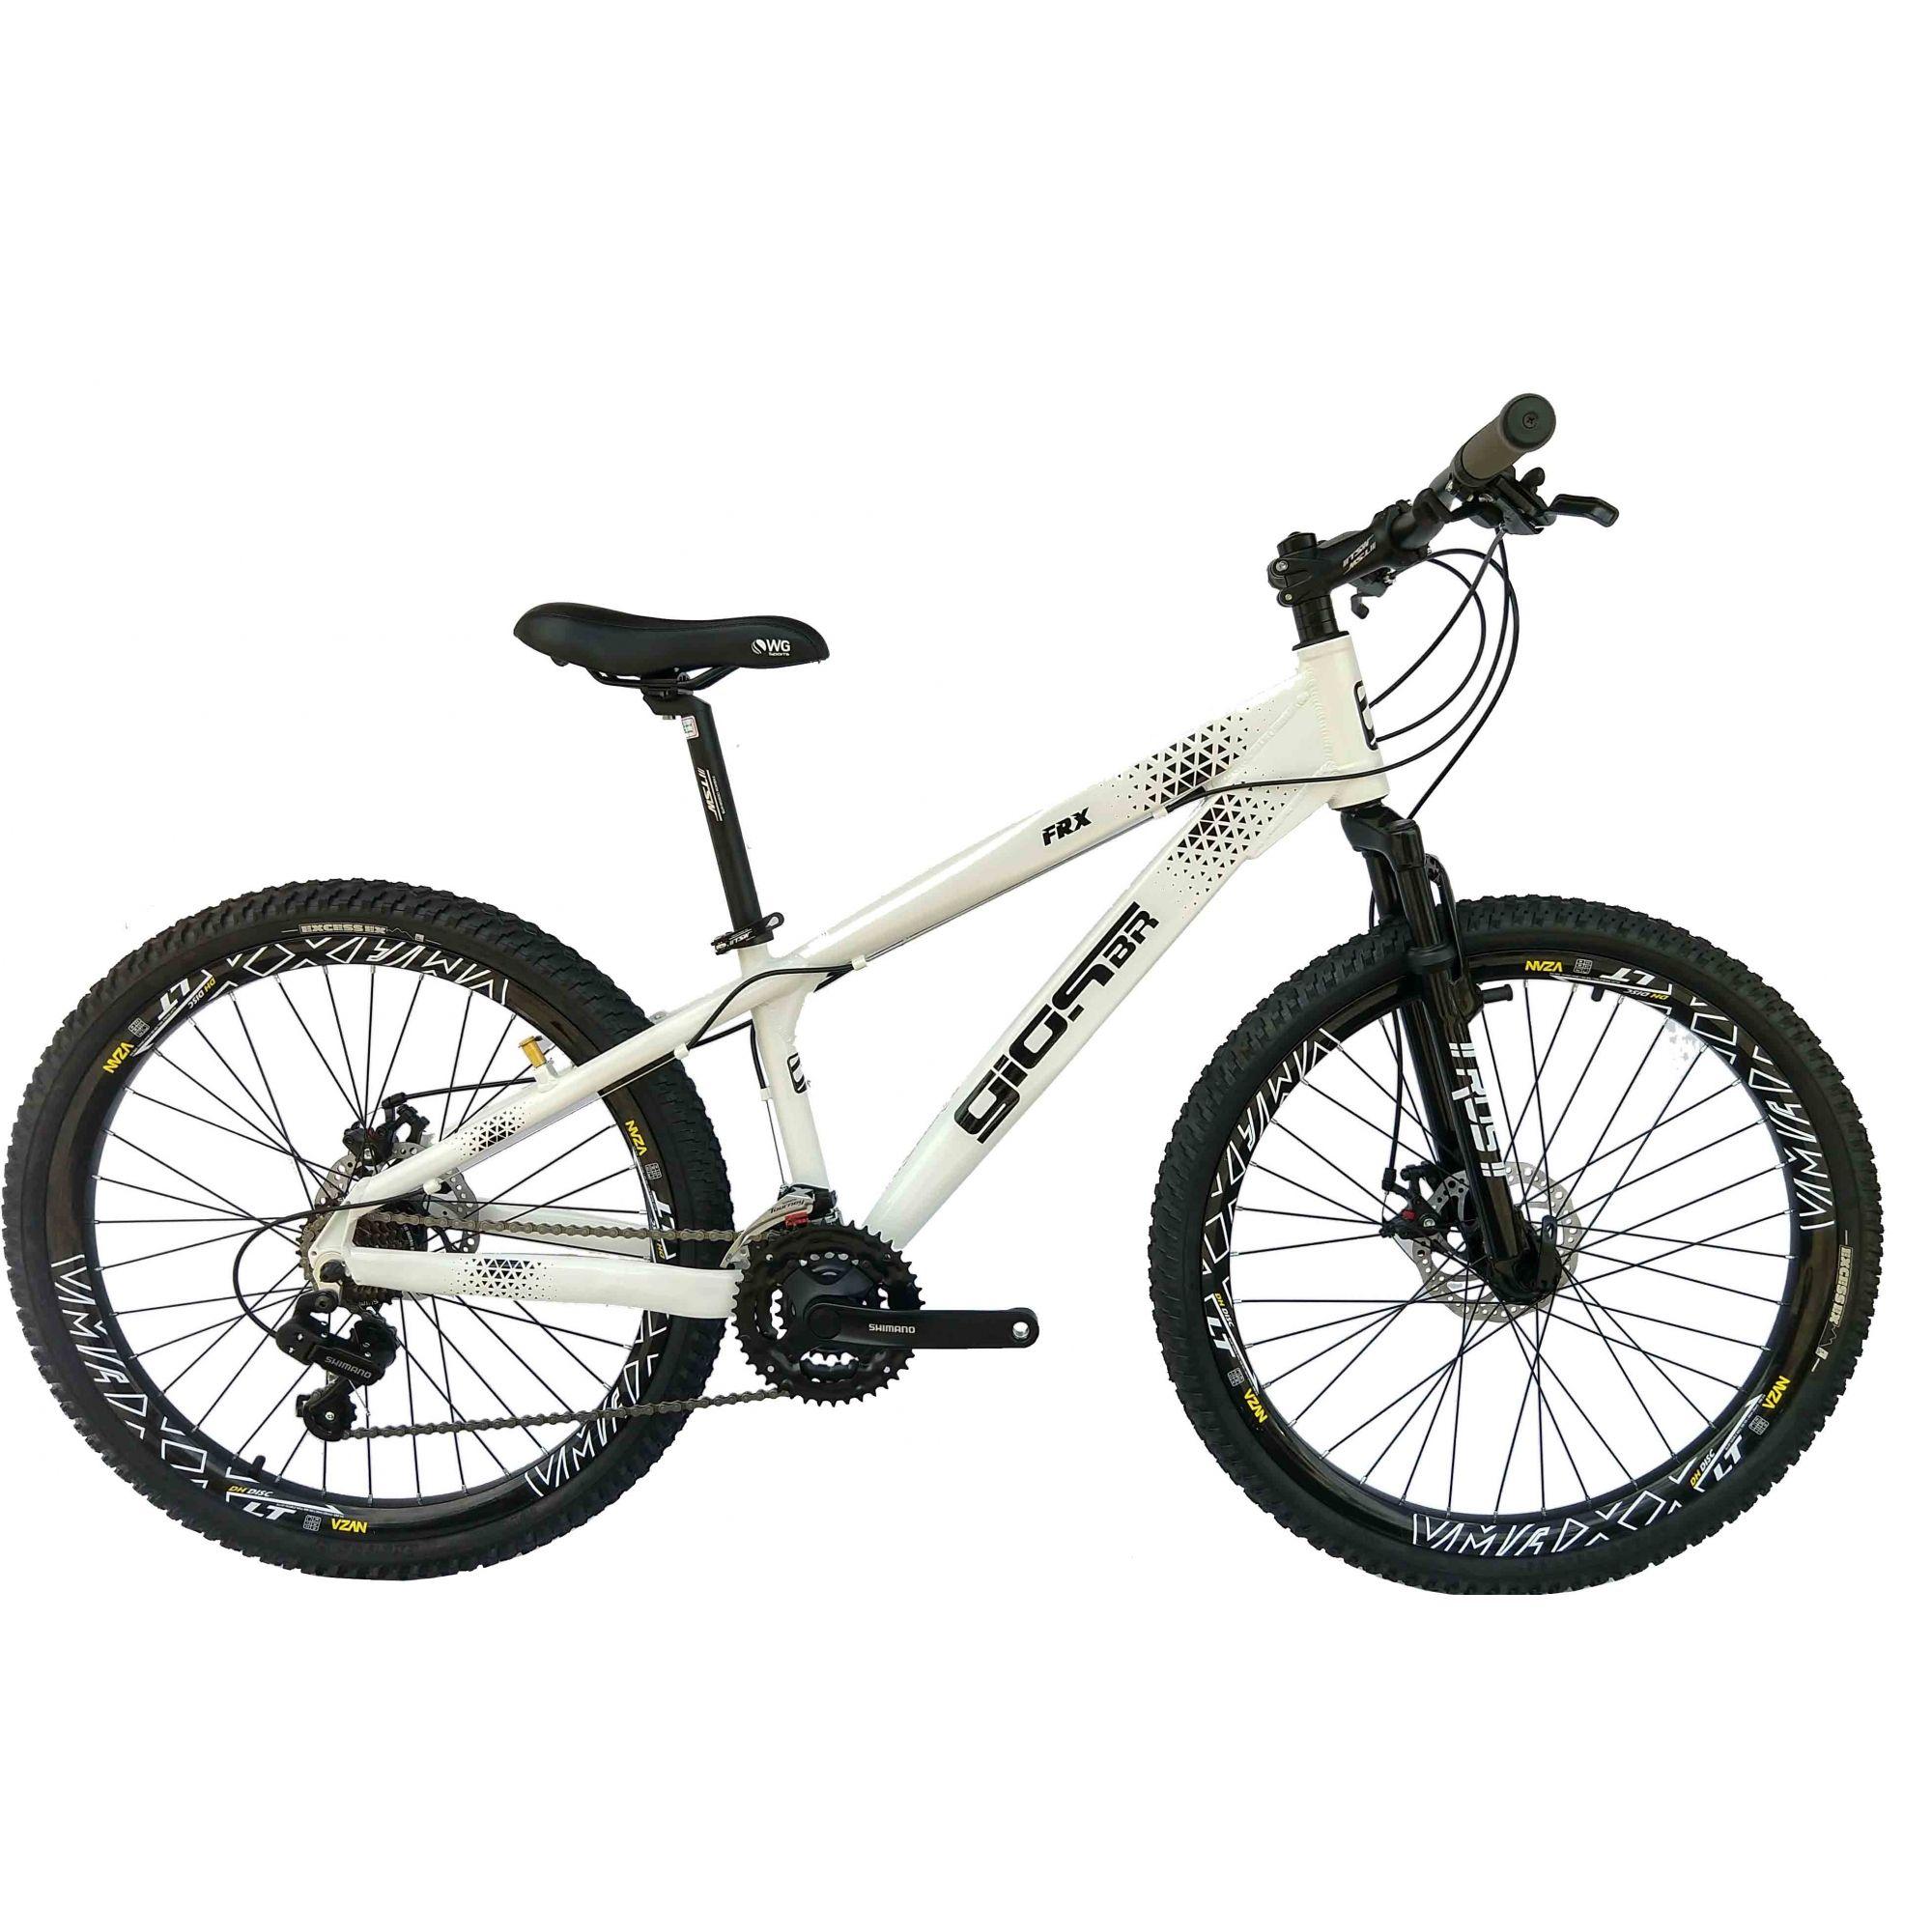 Bike Gios Frx cambio Shimano freio a disco 21v varias cores